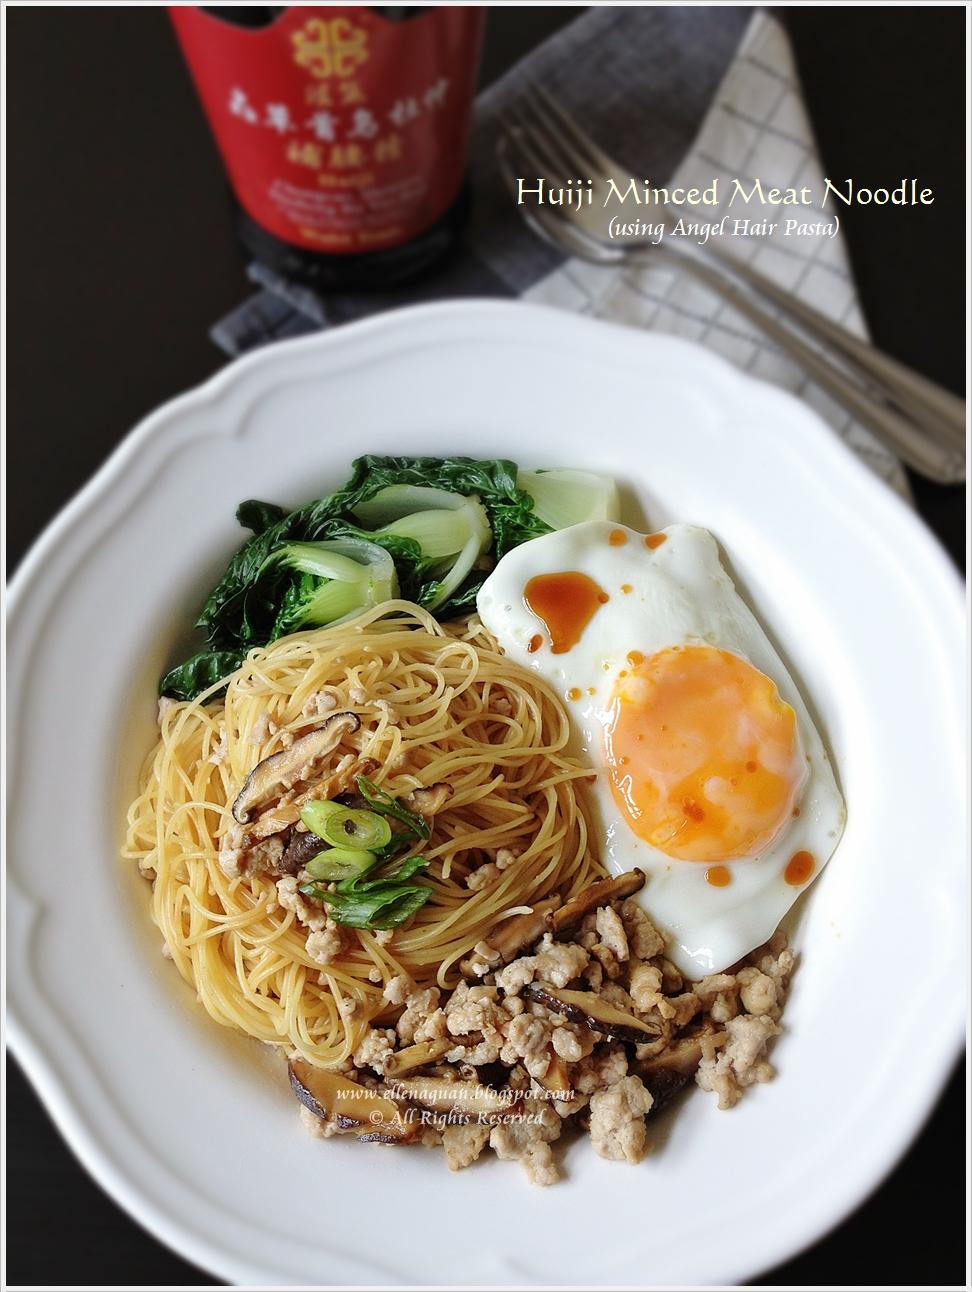 Cuisine paradise singapore food blog recipes reviews and travel cuisine paradise singapore food blog recipes reviews and travel asian noodle dish forumfinder Choice Image